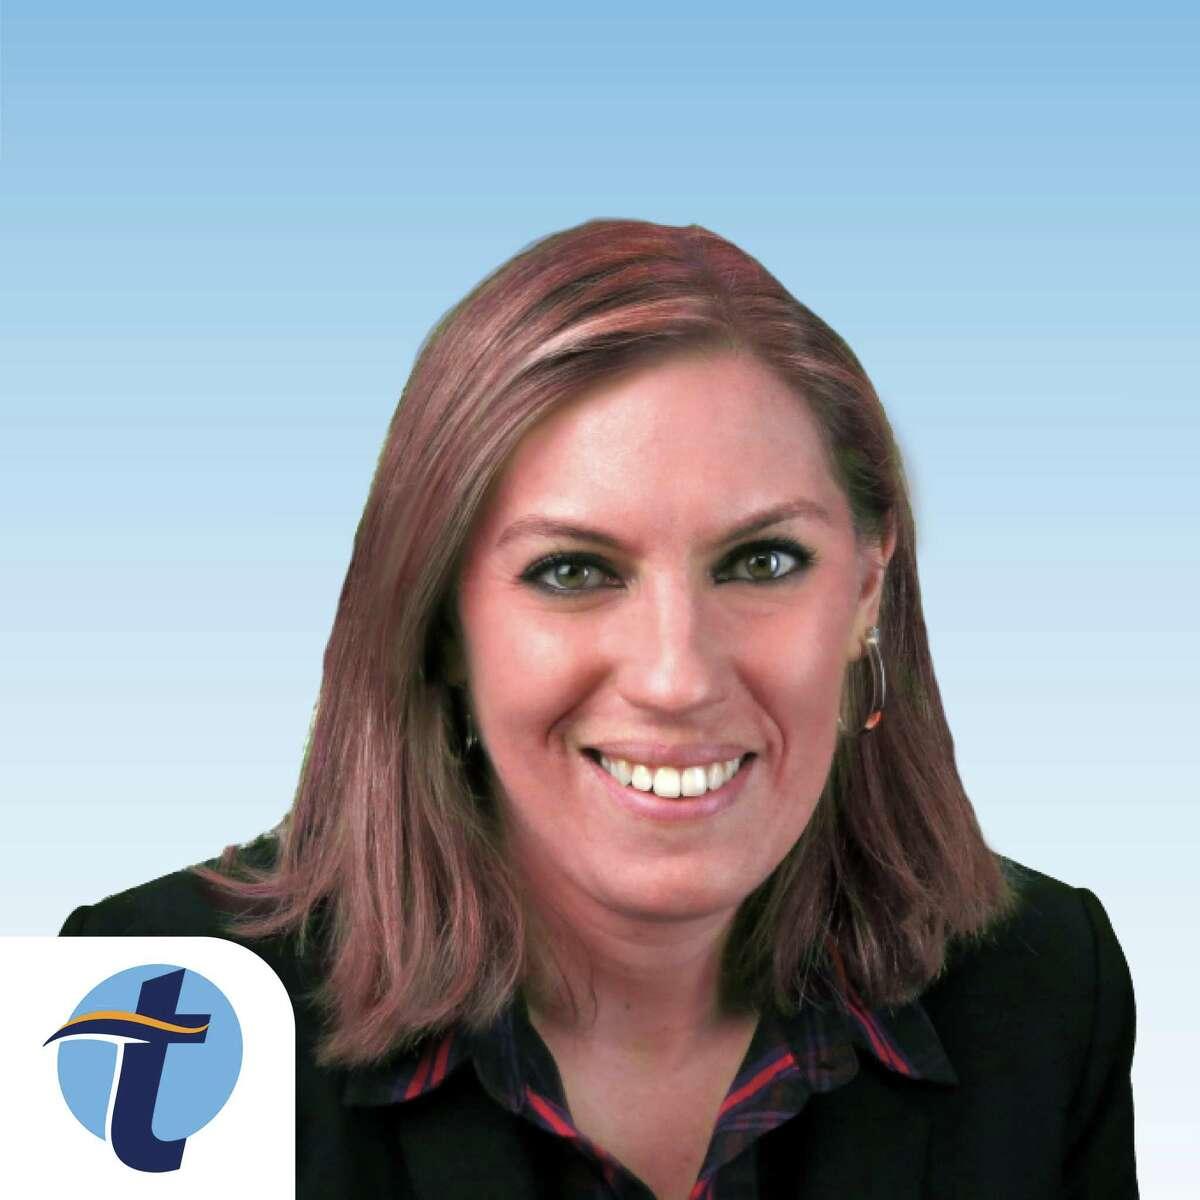 Melissa Cipriano, Contact Center Manager at Thomason Savings Bank.